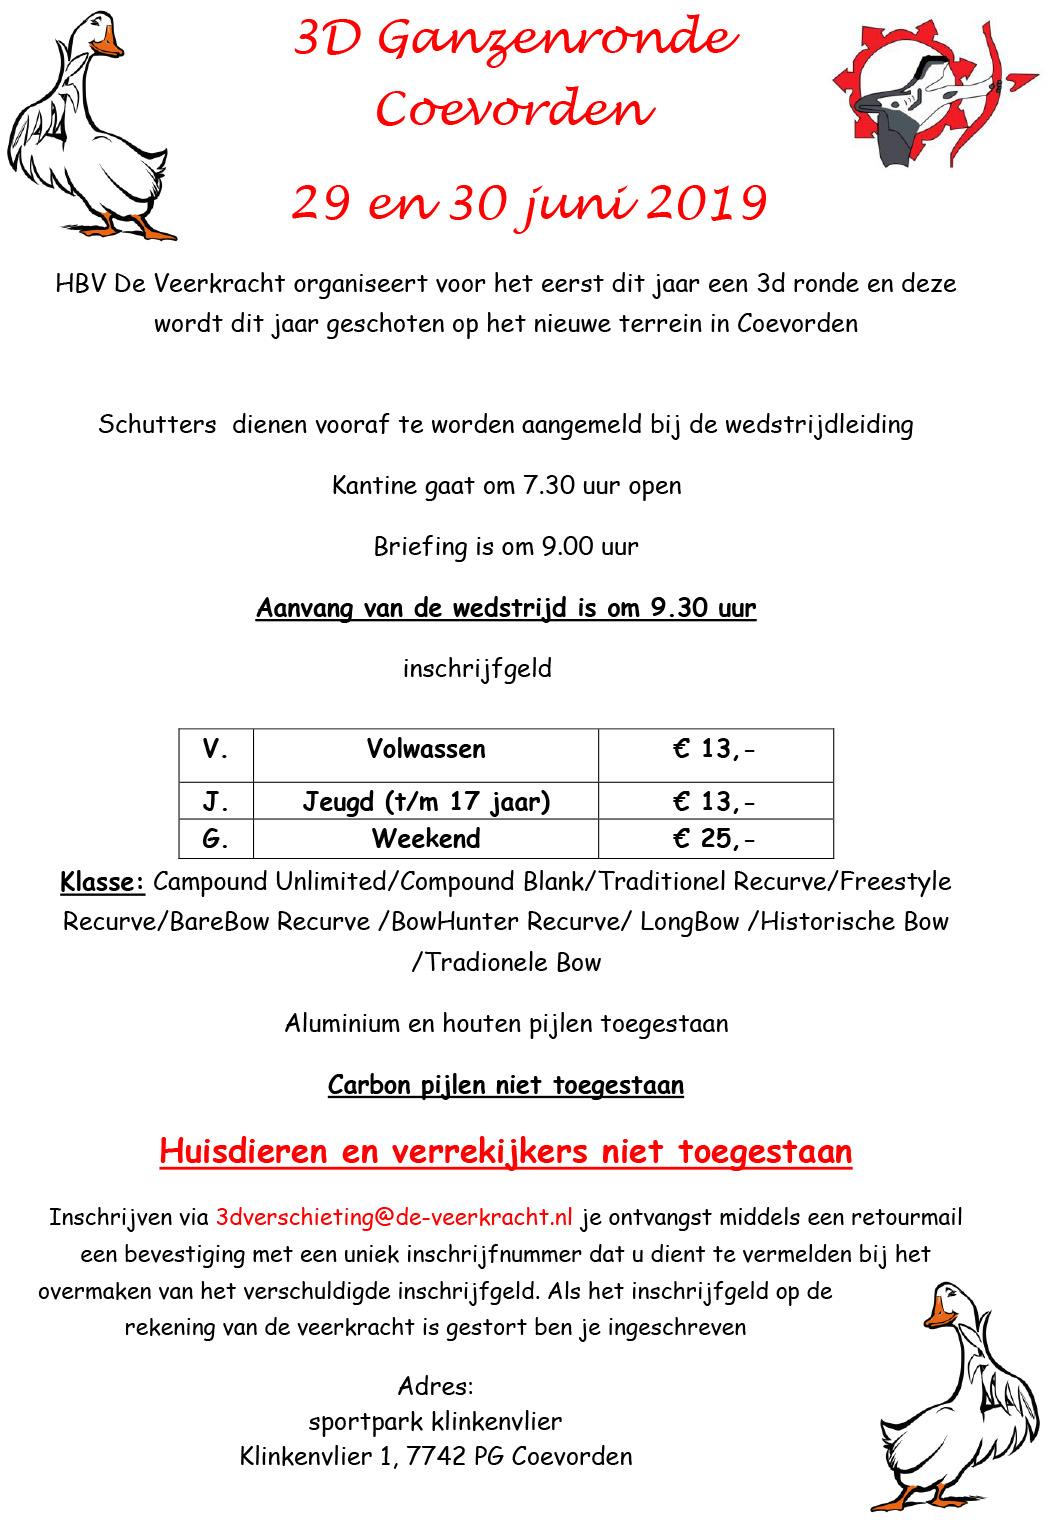 3d Ganzenronde Coevorden @ sport klinkervlier